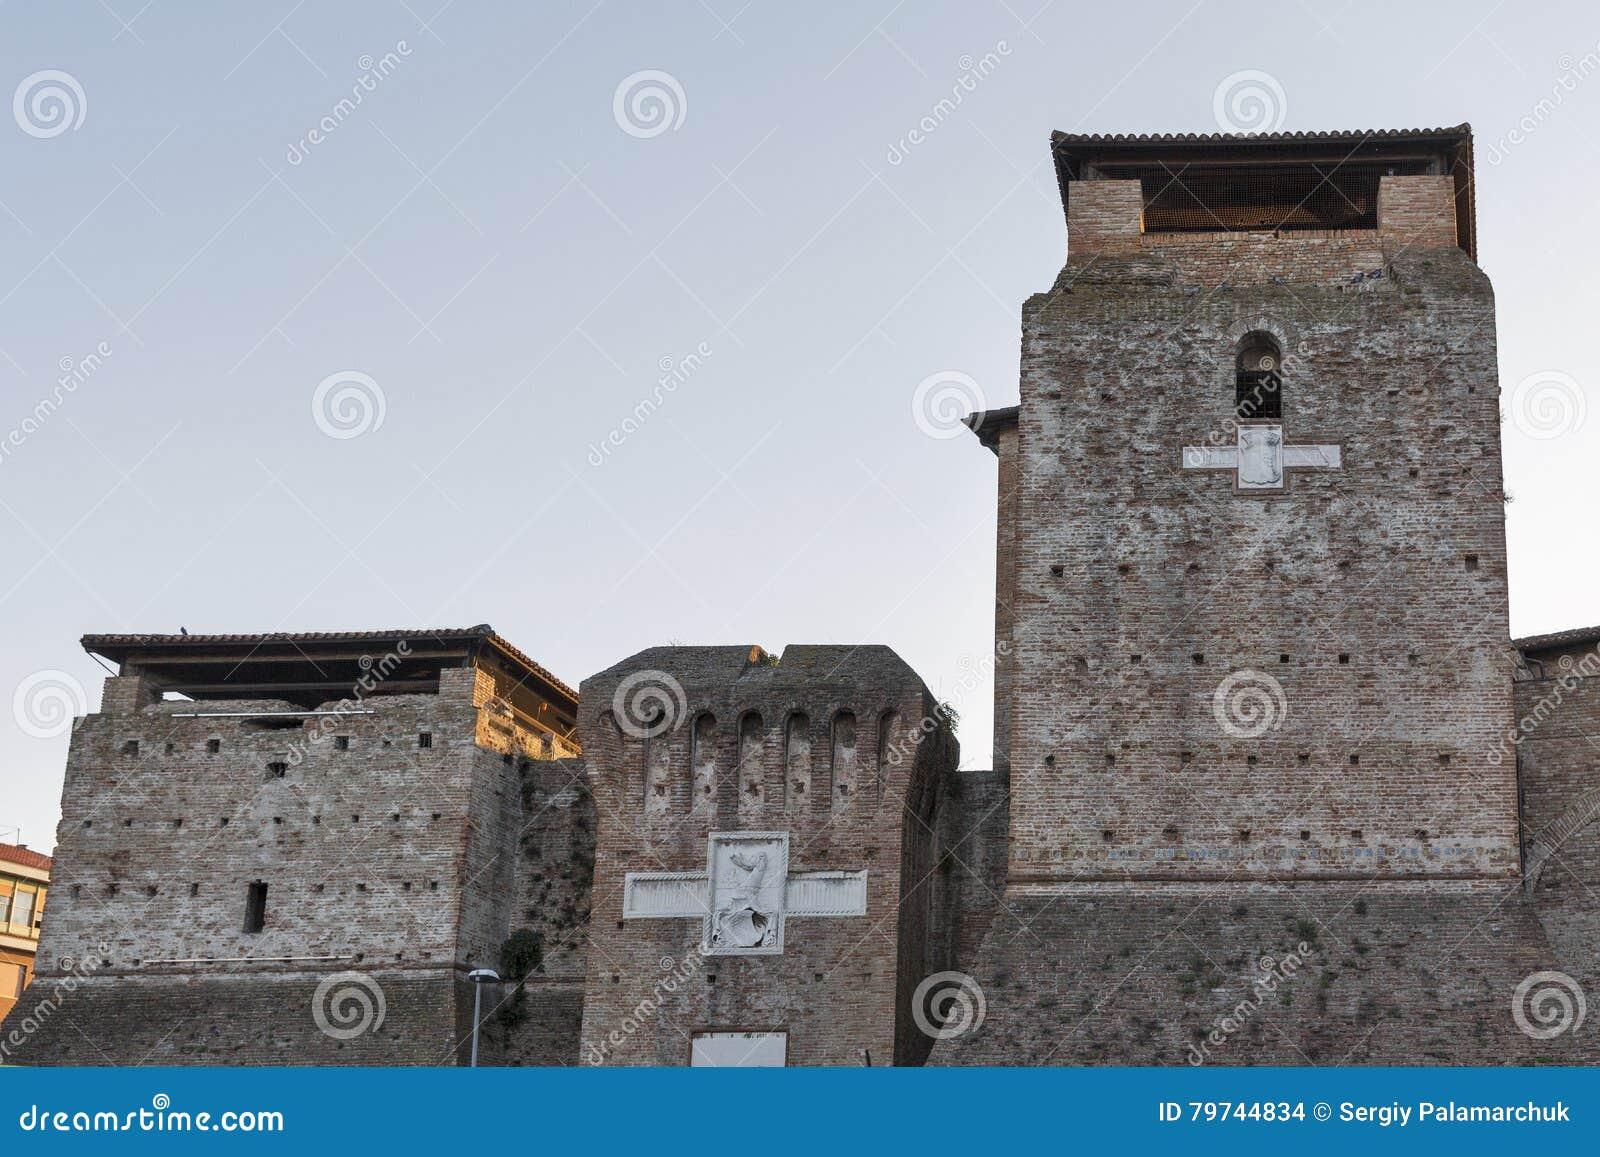 Paredes de Sigismondo Castle medieval en Rímini, Italia